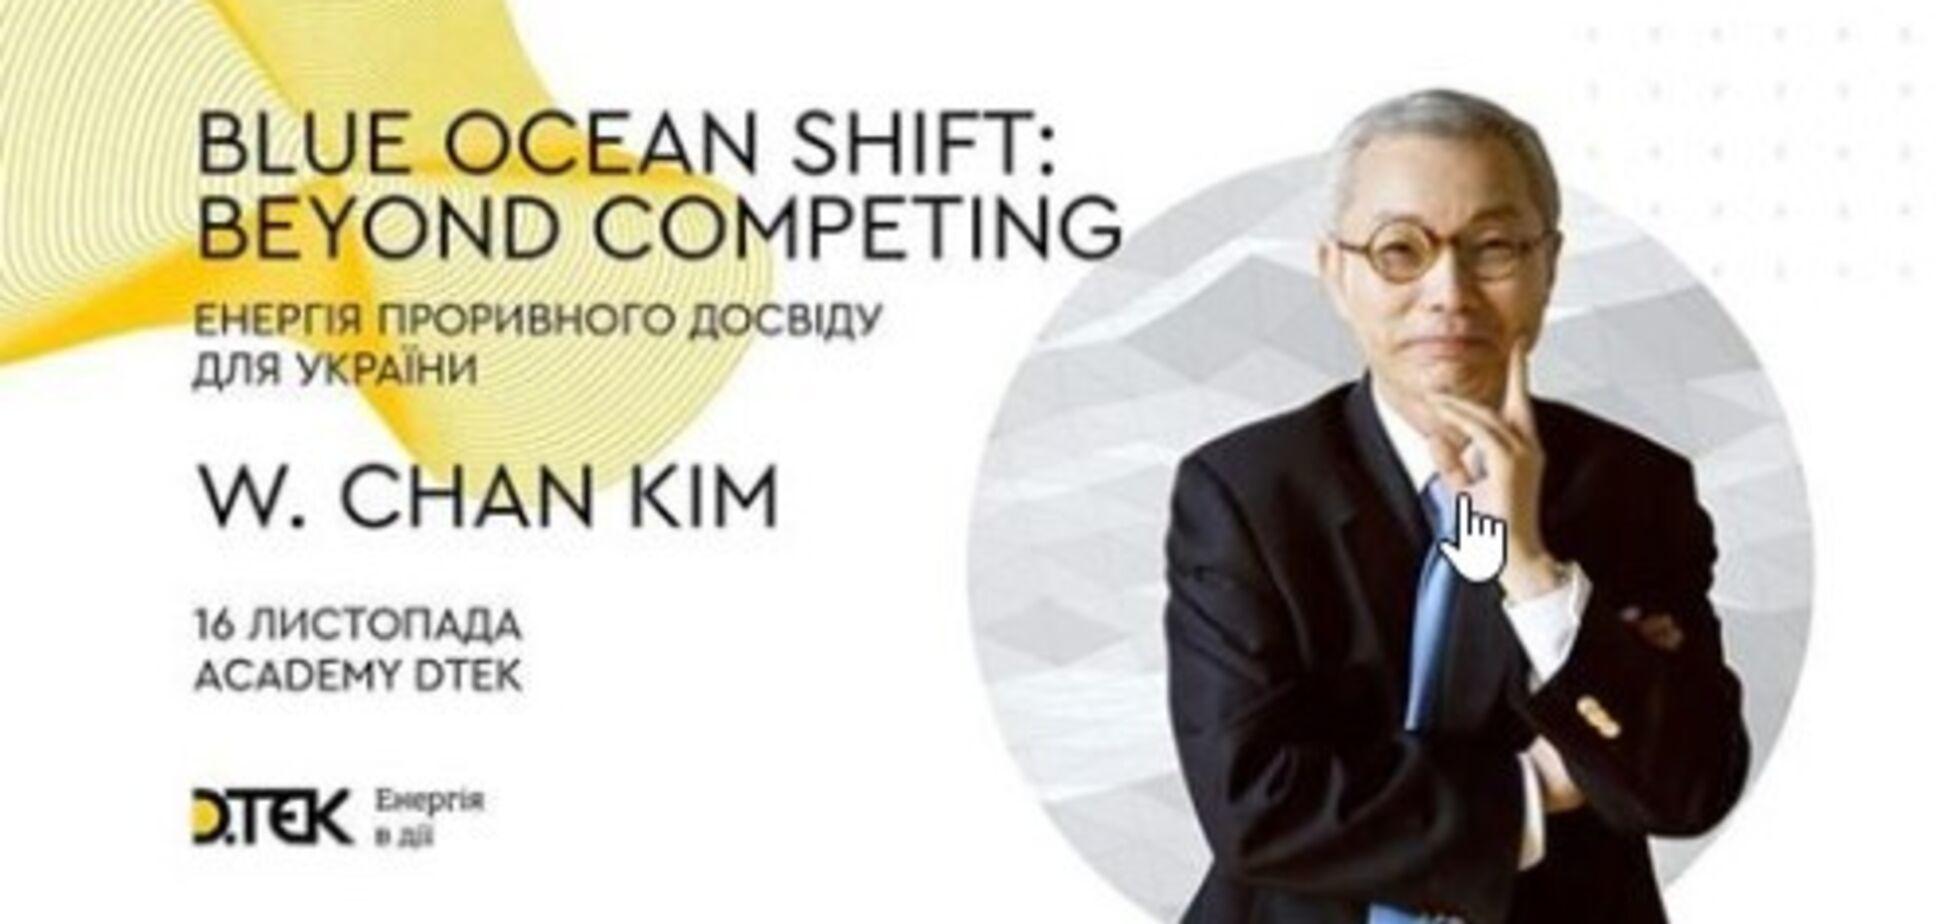 Автор 'Стратегії блакитного океану' Чан Кім виступить у Києві